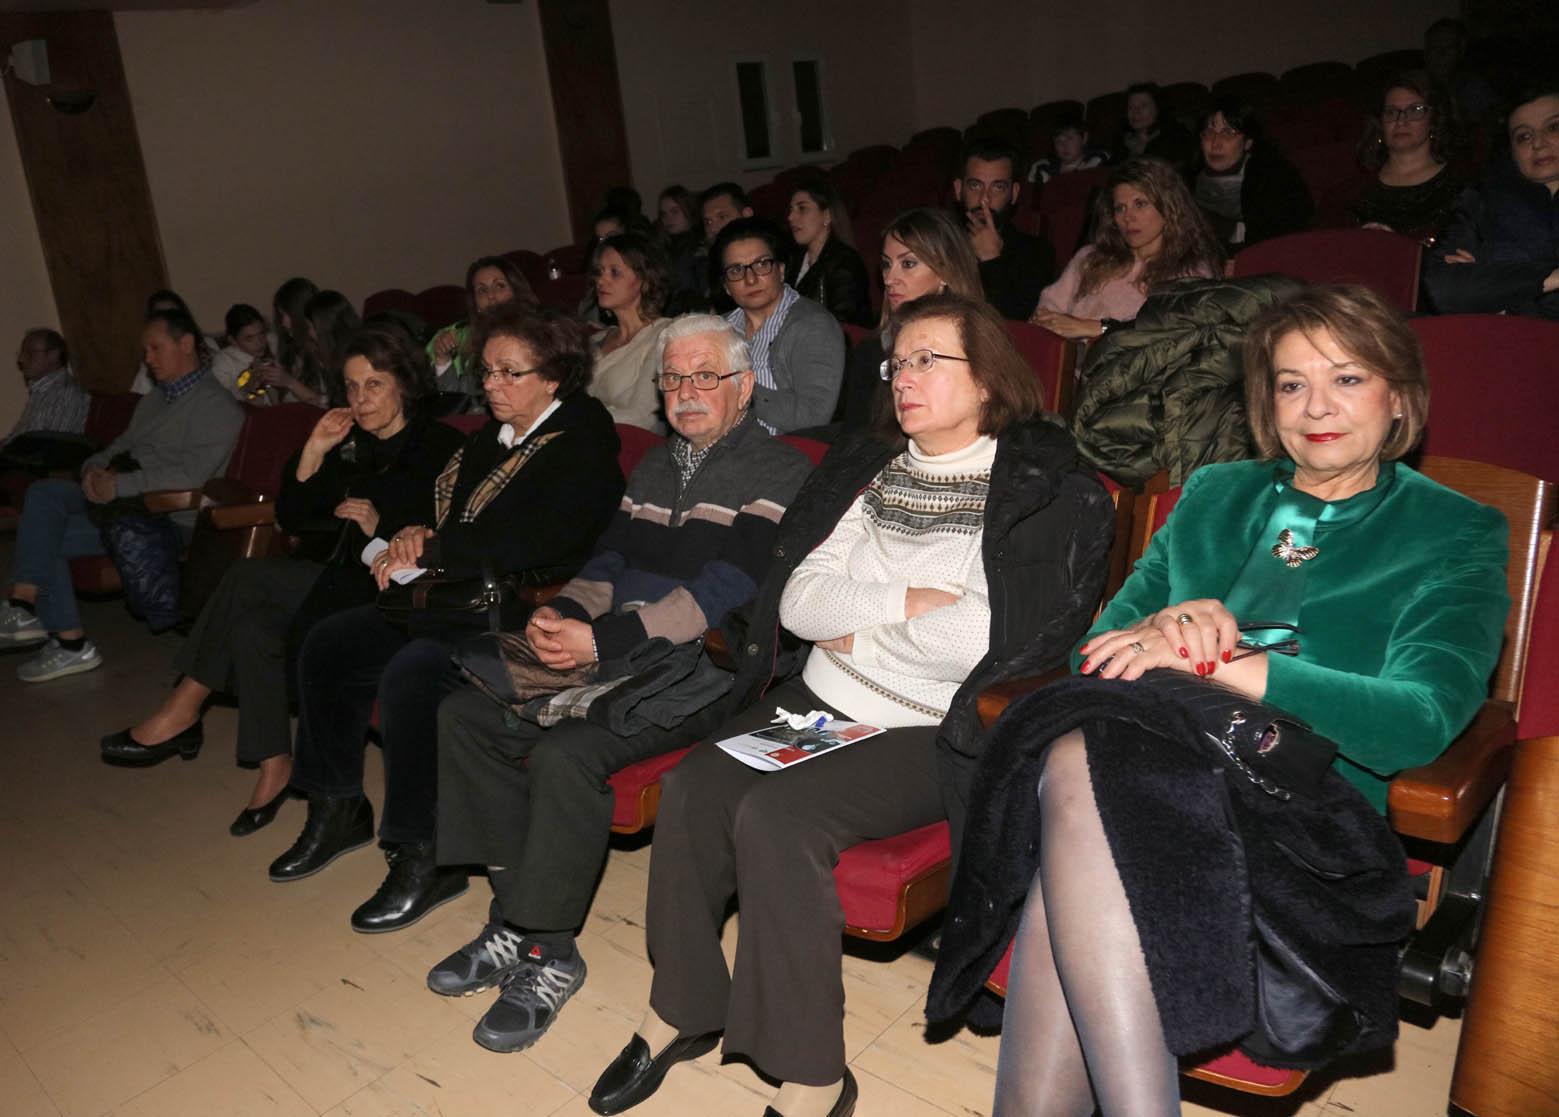 συναυλια κωνσταντινιδης κτιστακης (4)